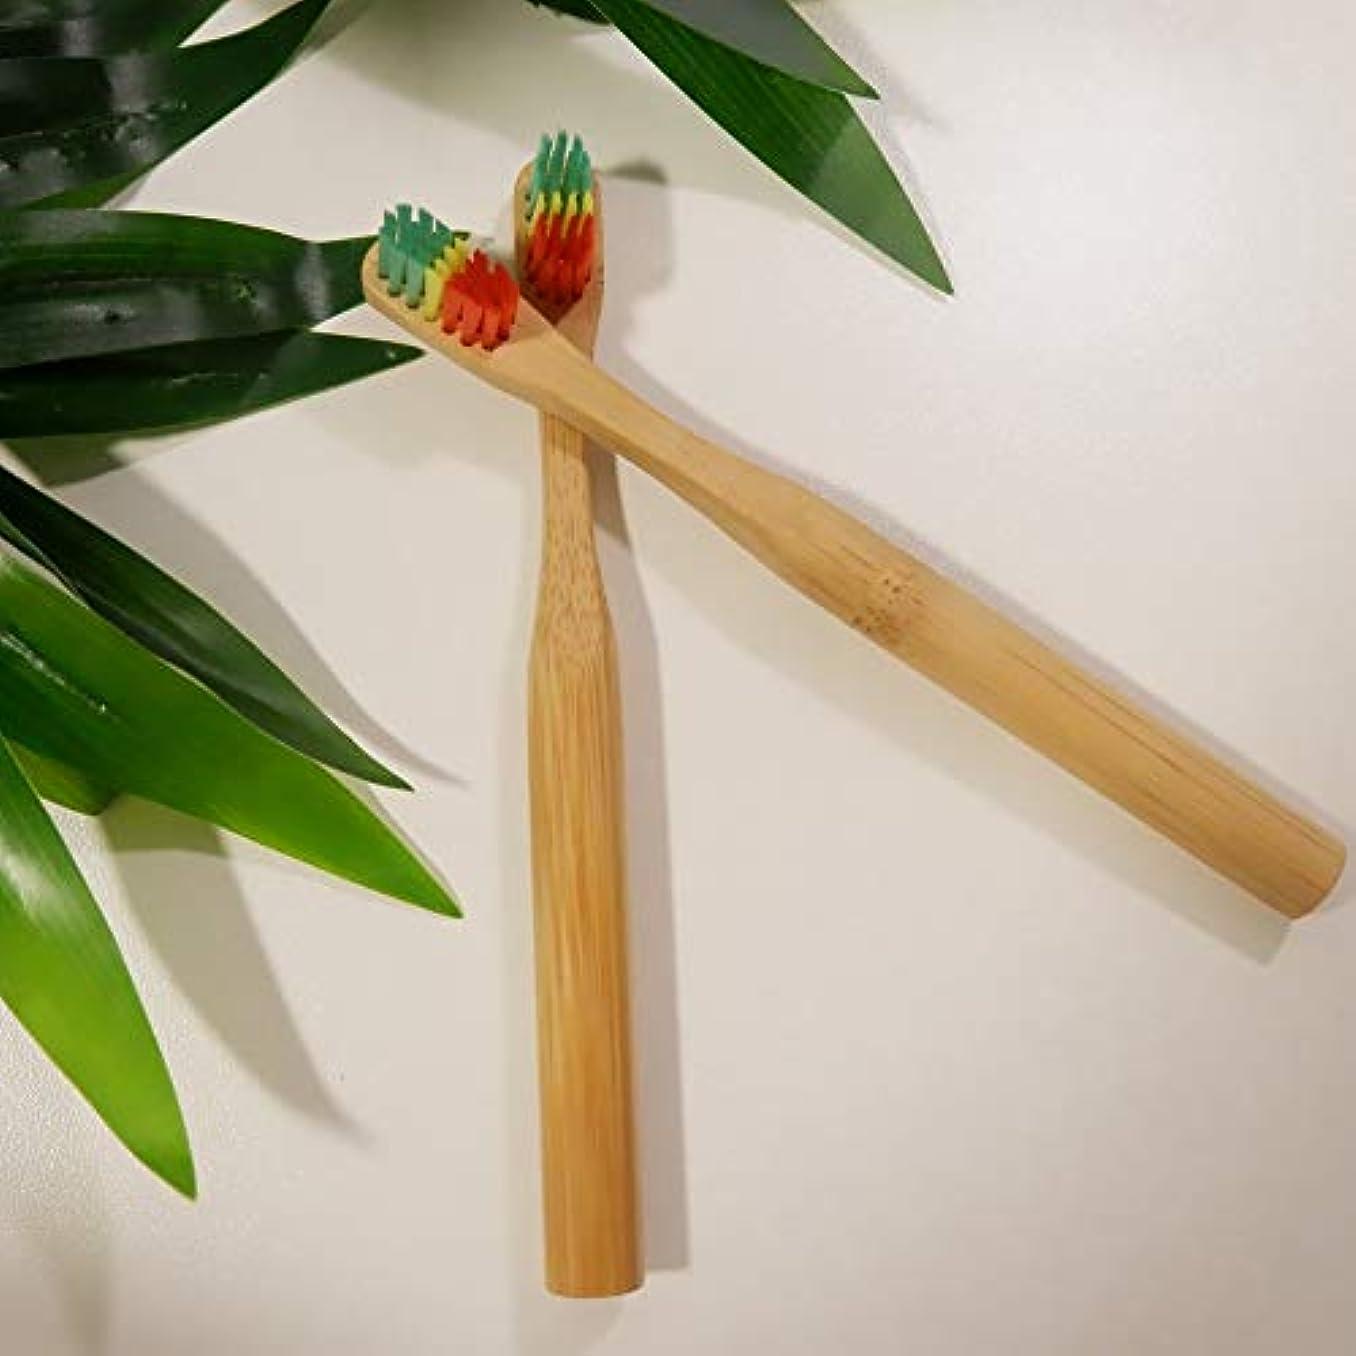 ドア文明カスケードSODAOA屋 8個セット 竹製 カラフル 歯ブラシセット 柔らかい 剛毛 子供 大人 木製 歯ブラシ 歯科心配環境に優しい BPAフリー 旅行用 可愛い シンプル クリスマスギフト 便利